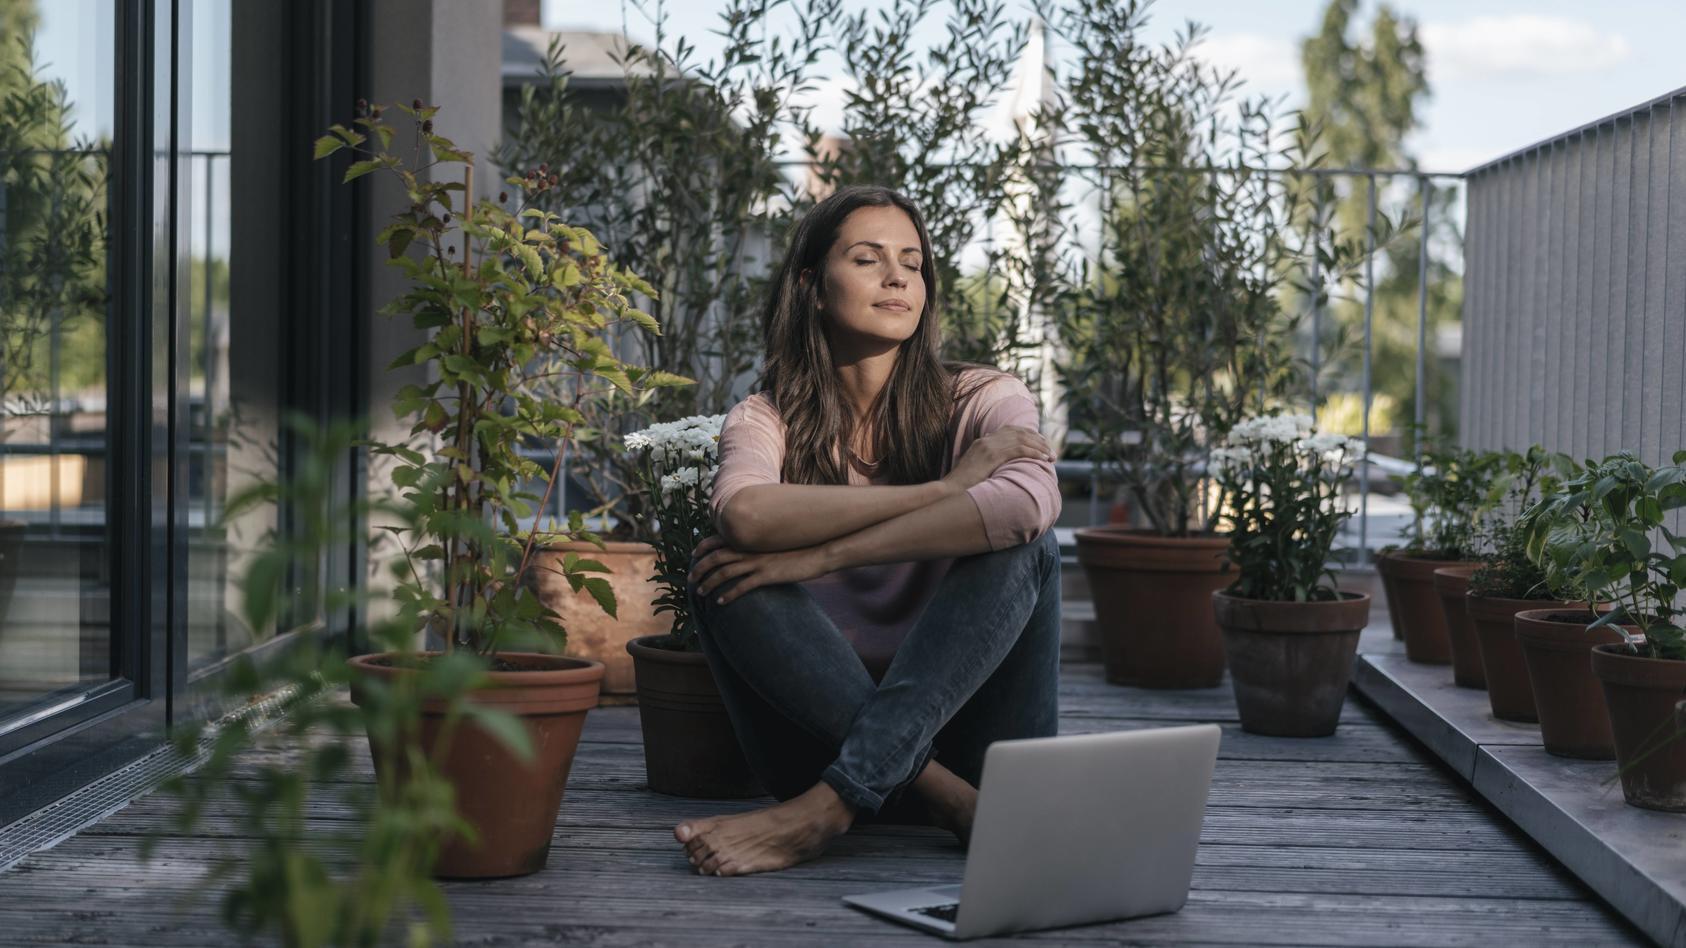 Viele Sprachenprogramme lassen sich auf dem Smartphone oder Laptop nutzen.